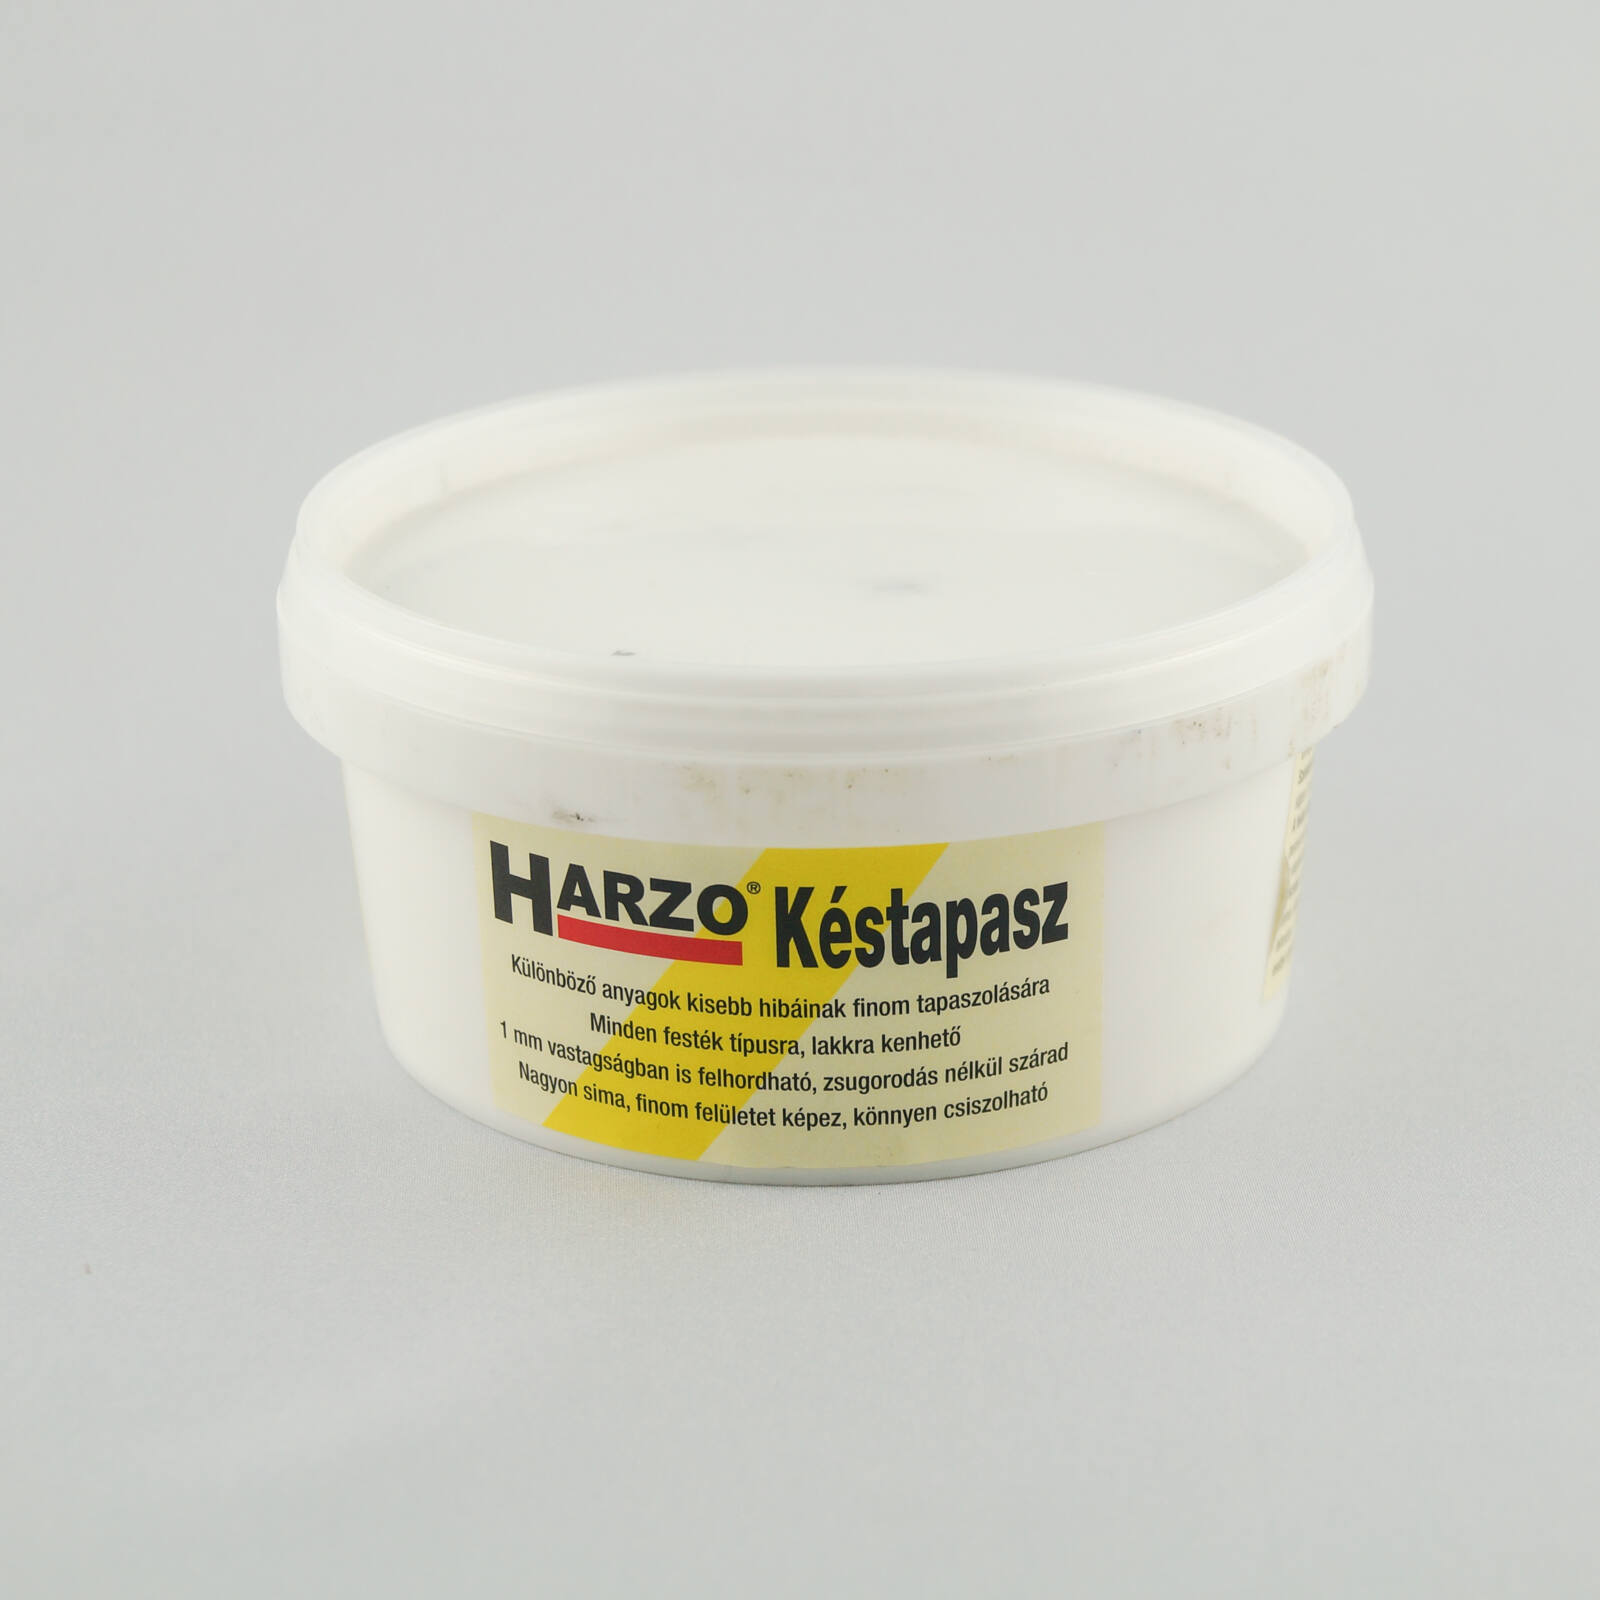 HARZO-Fix késtapasz [0.75 kg]